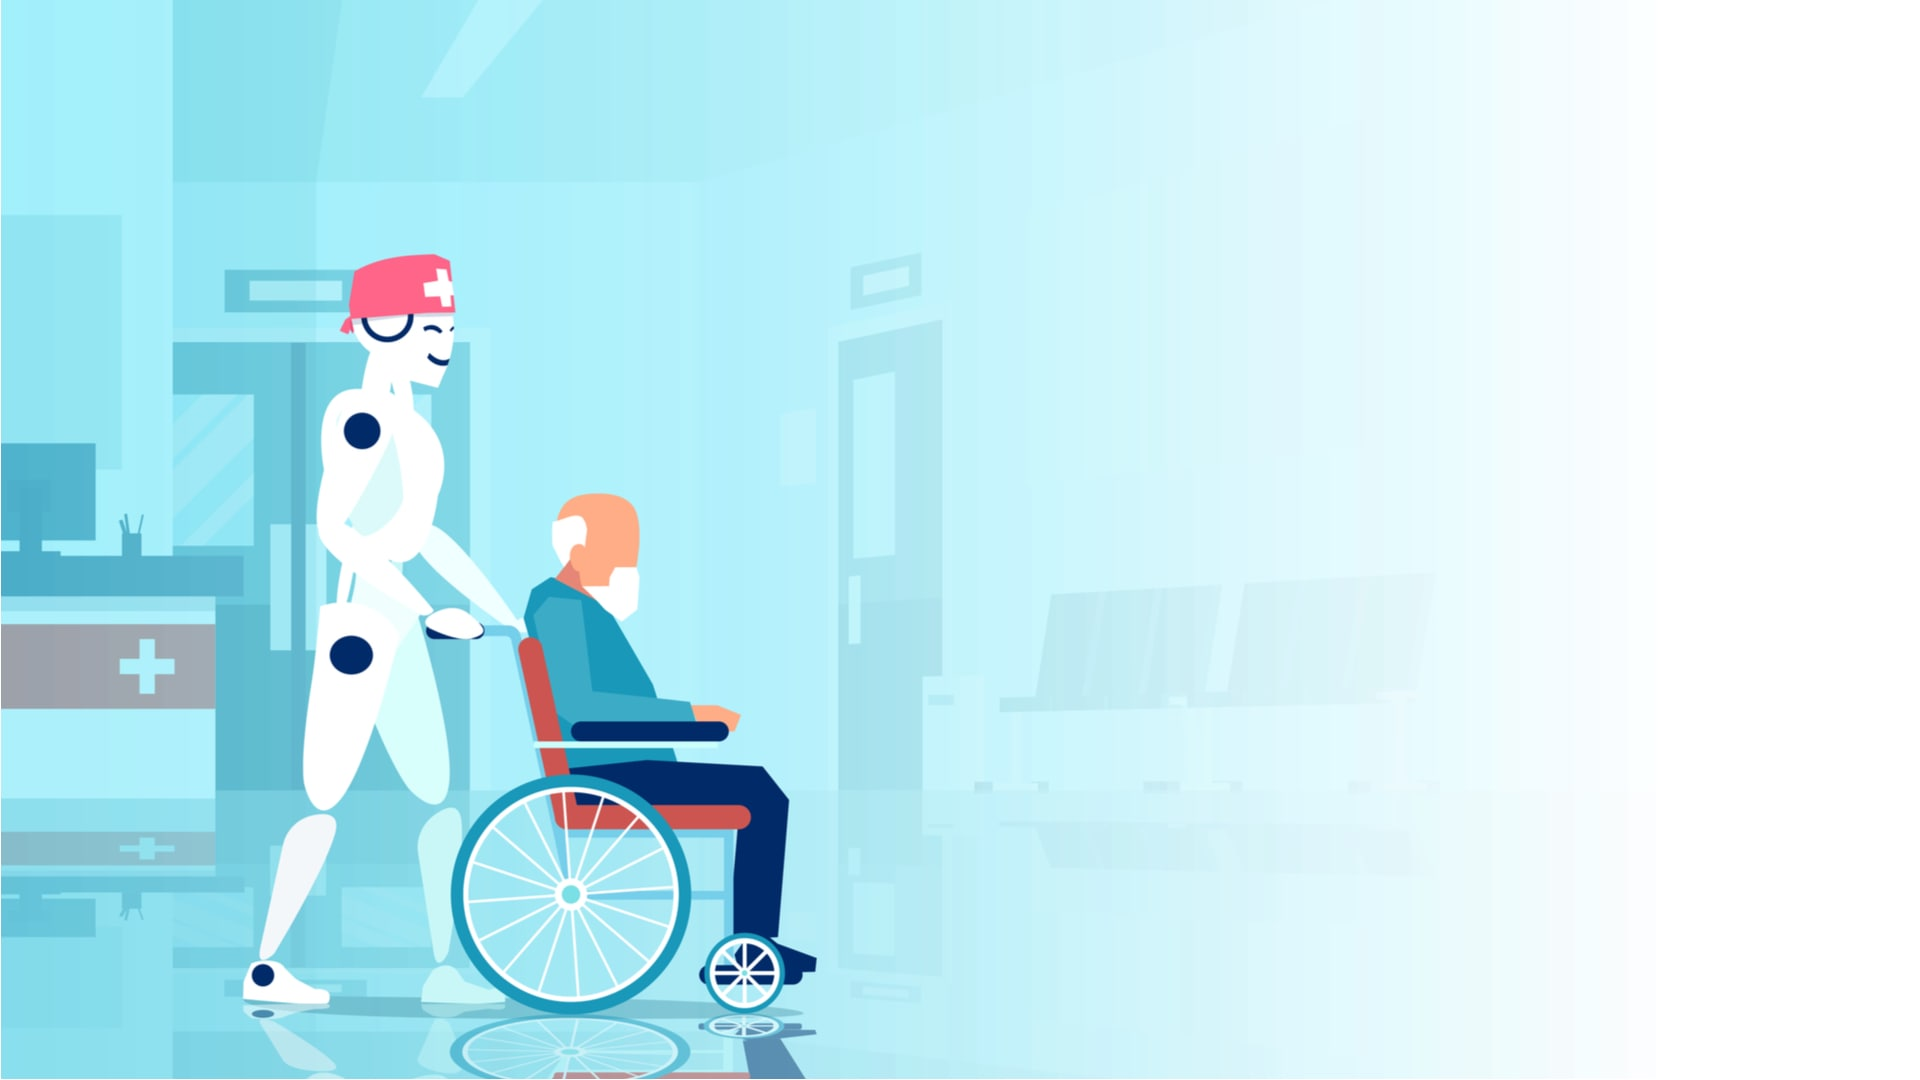 歩行を助ける!移動支援に役立つおすすめ介護ロボット4選!